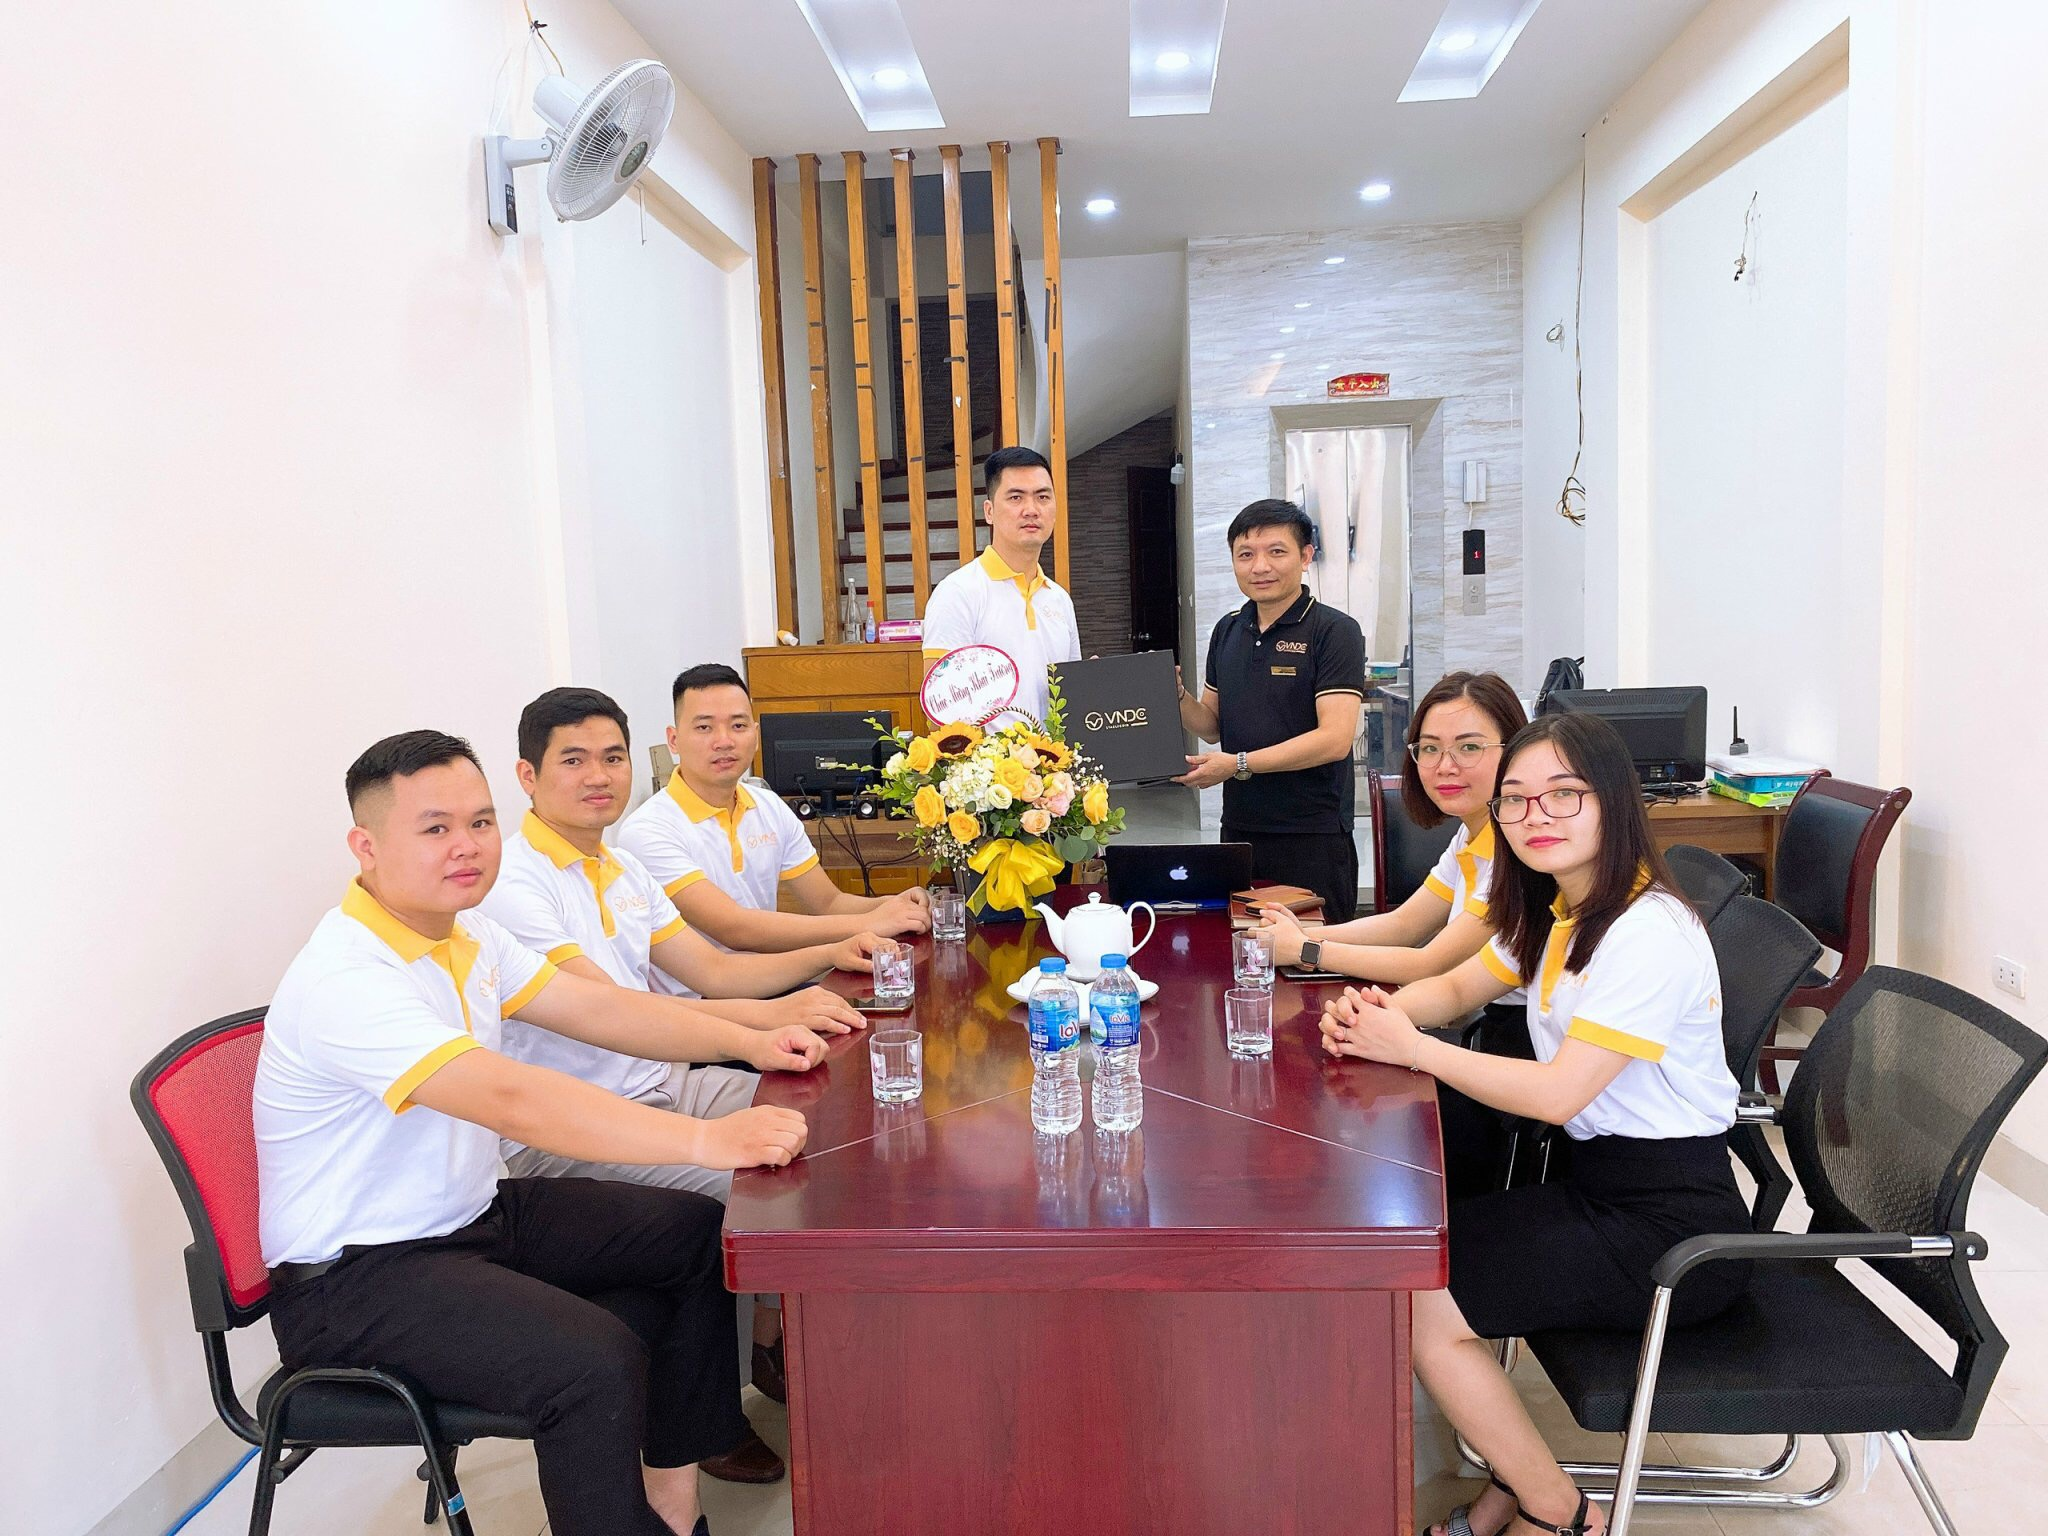 Thông báo: Ra mắt phòng giao dịch Nhất Kim Tín tại Hà Nội